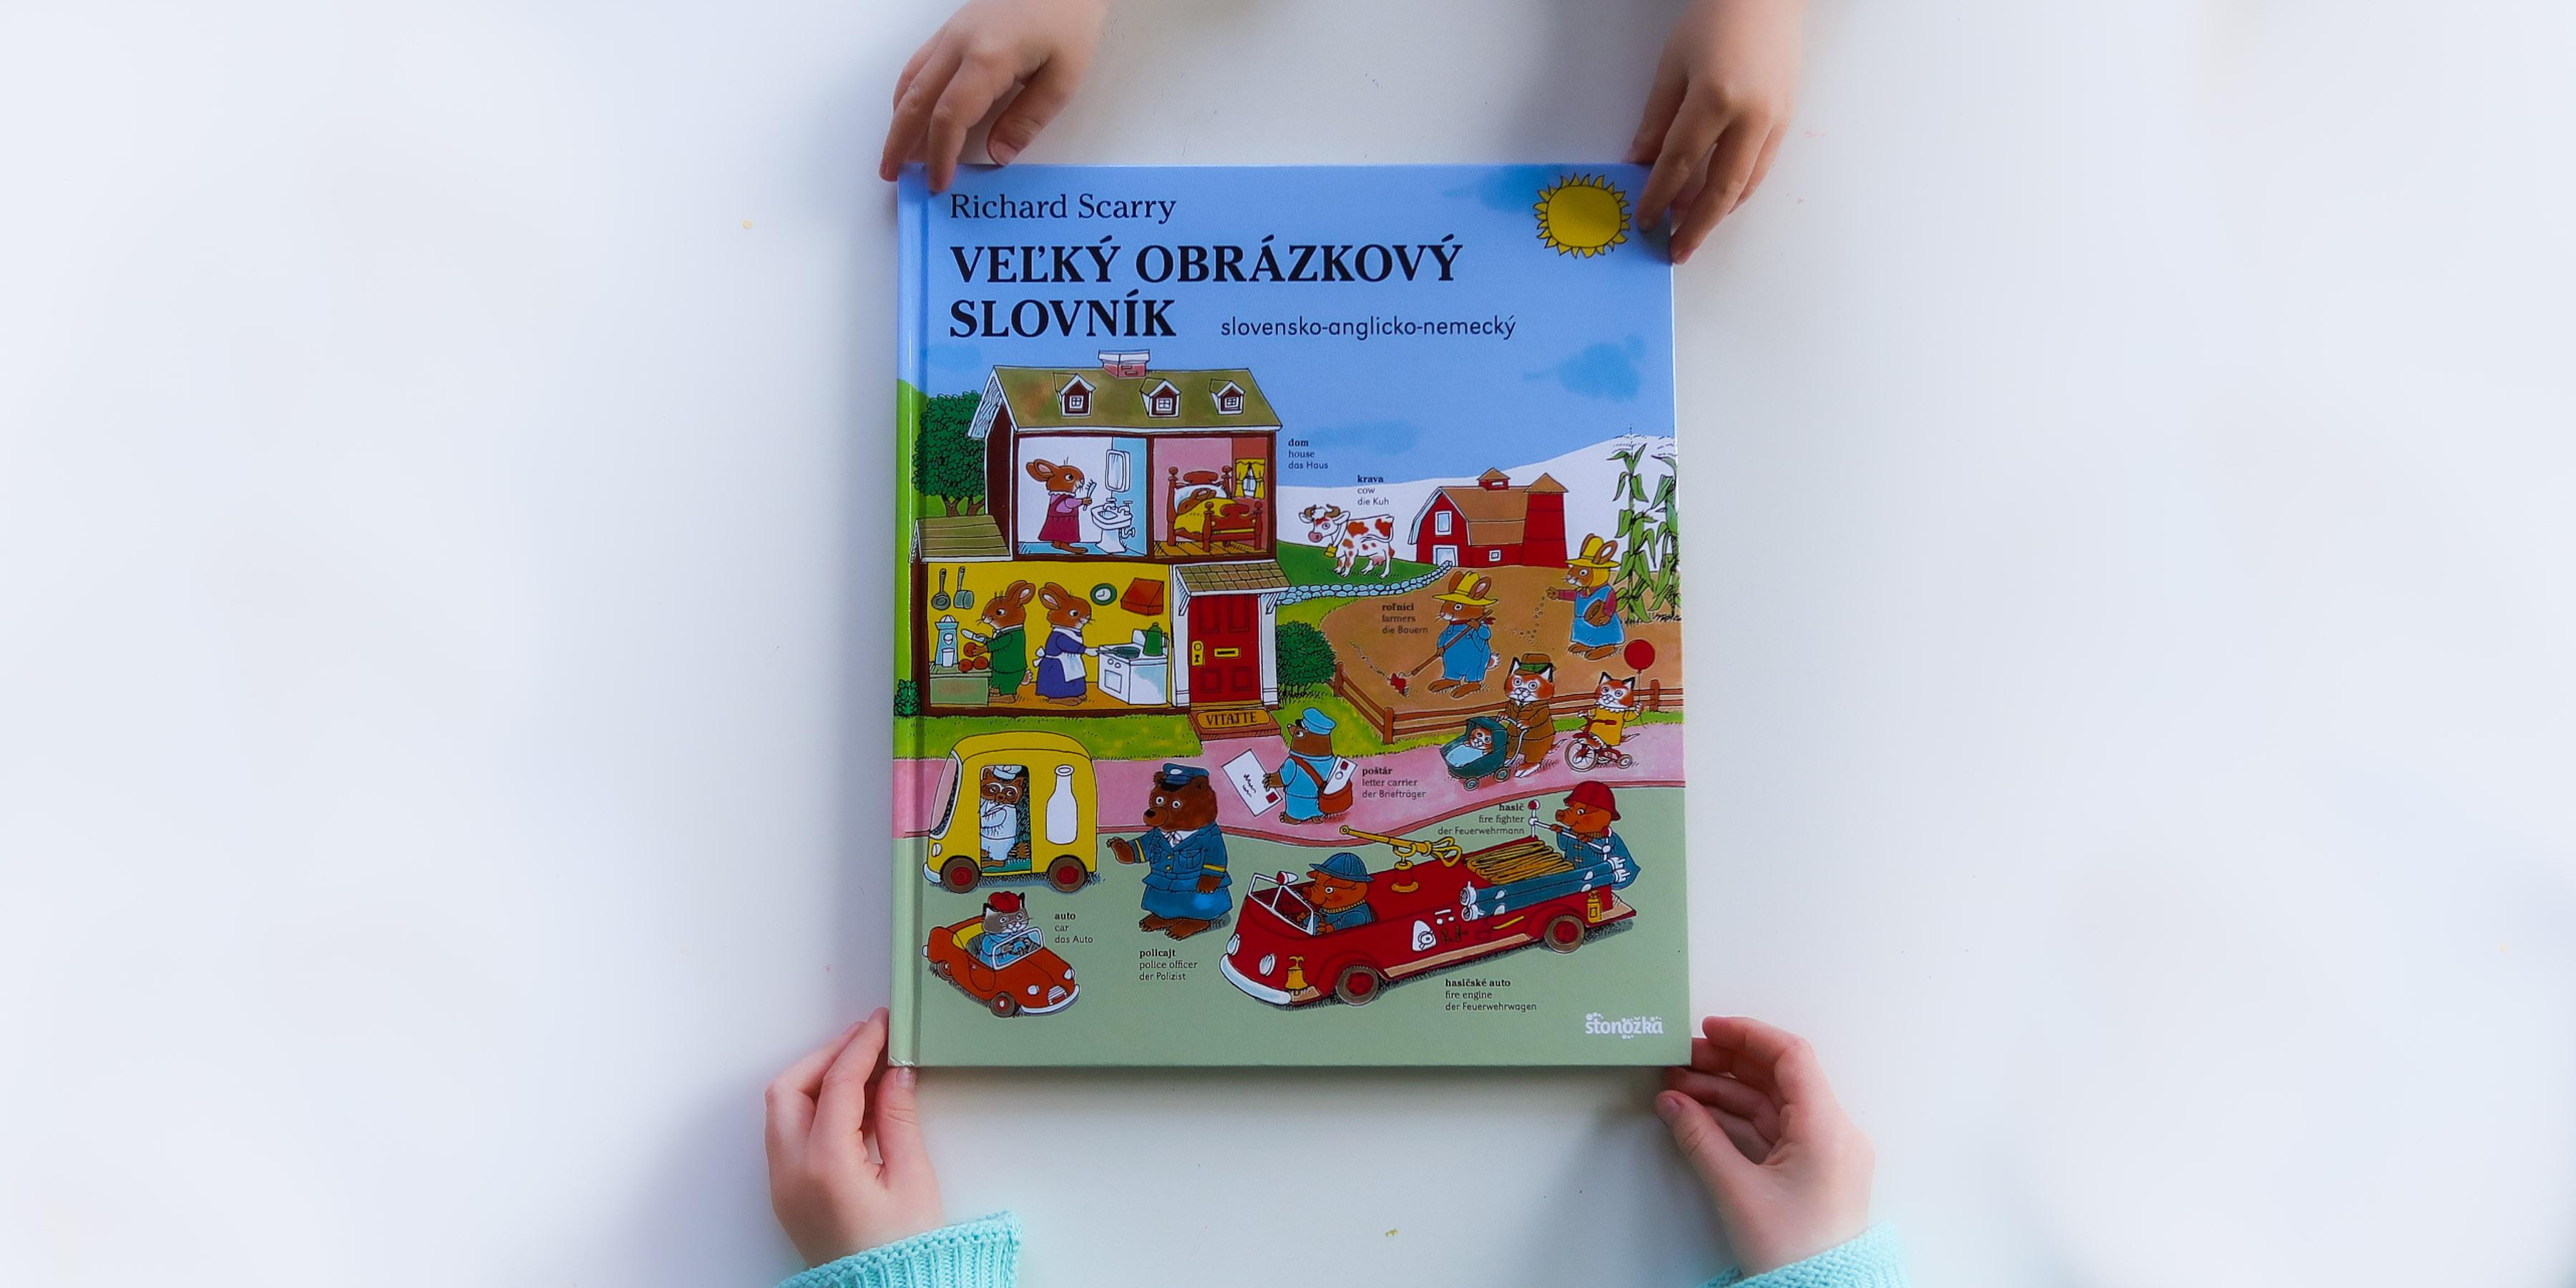 Veľký obrázkový slovník